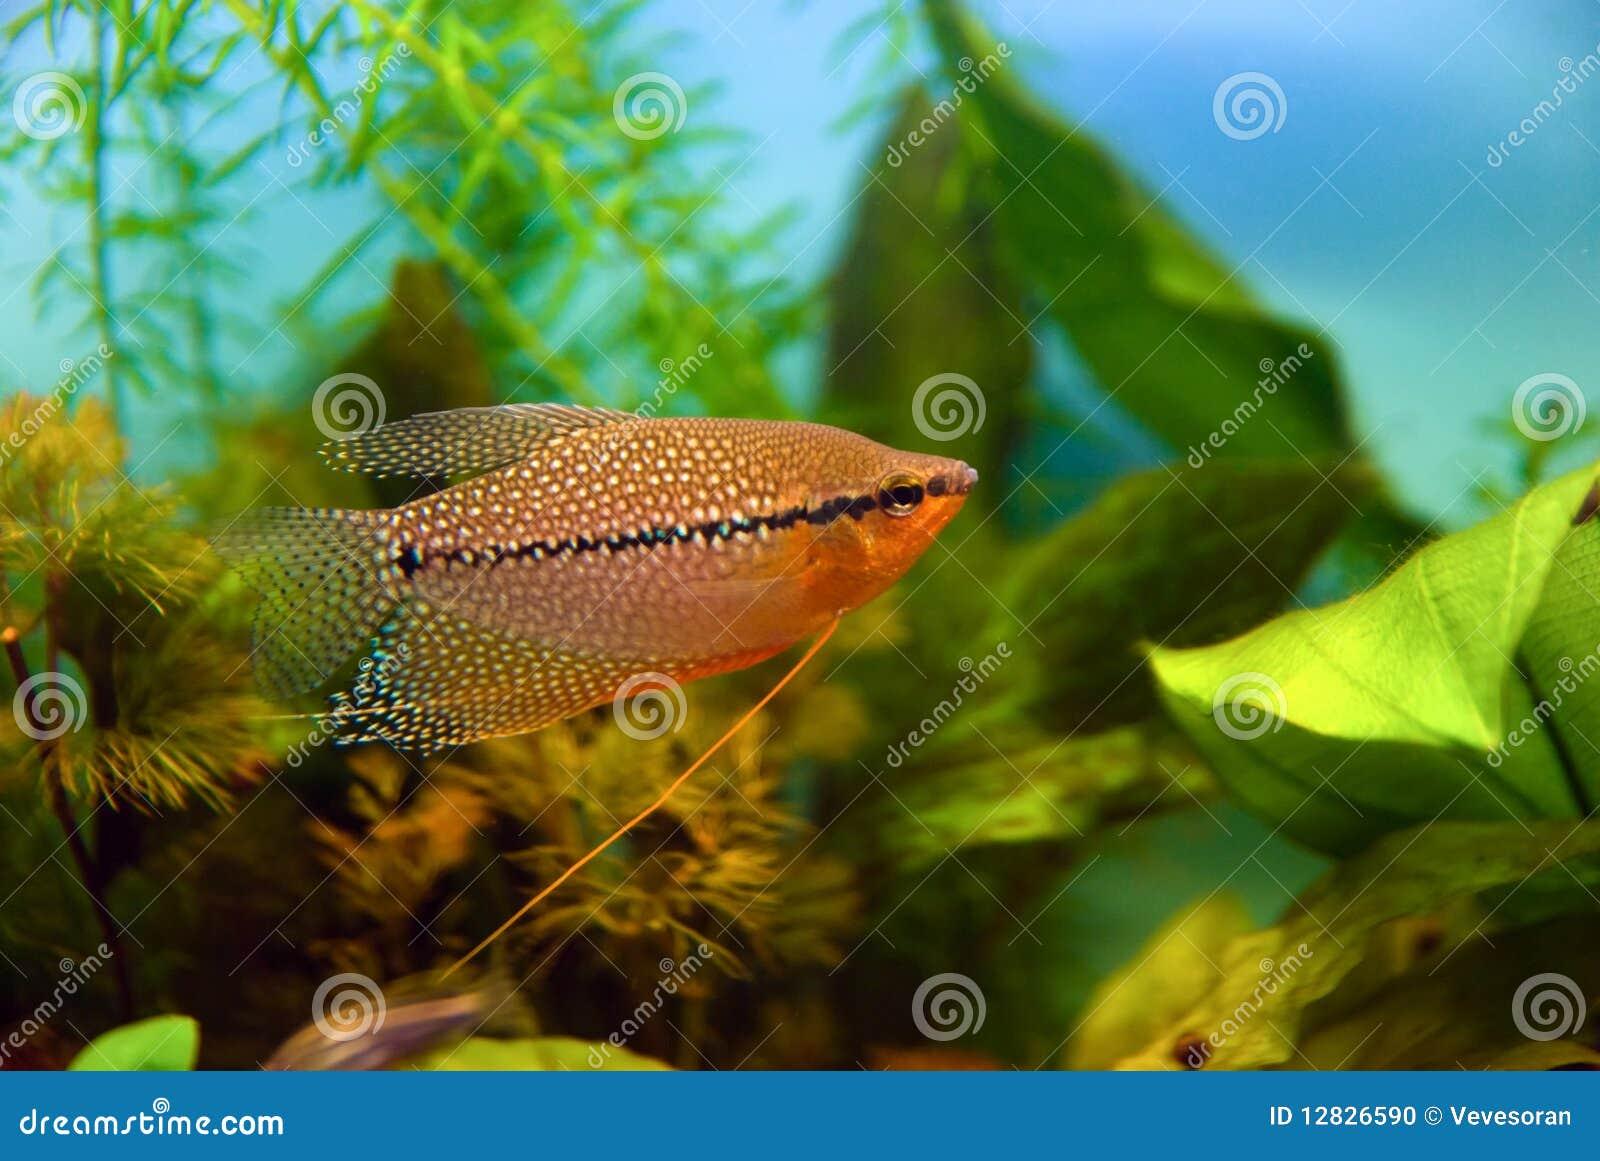 Aquarium Fish Pearl Gourami Stock Photo Image 12826590